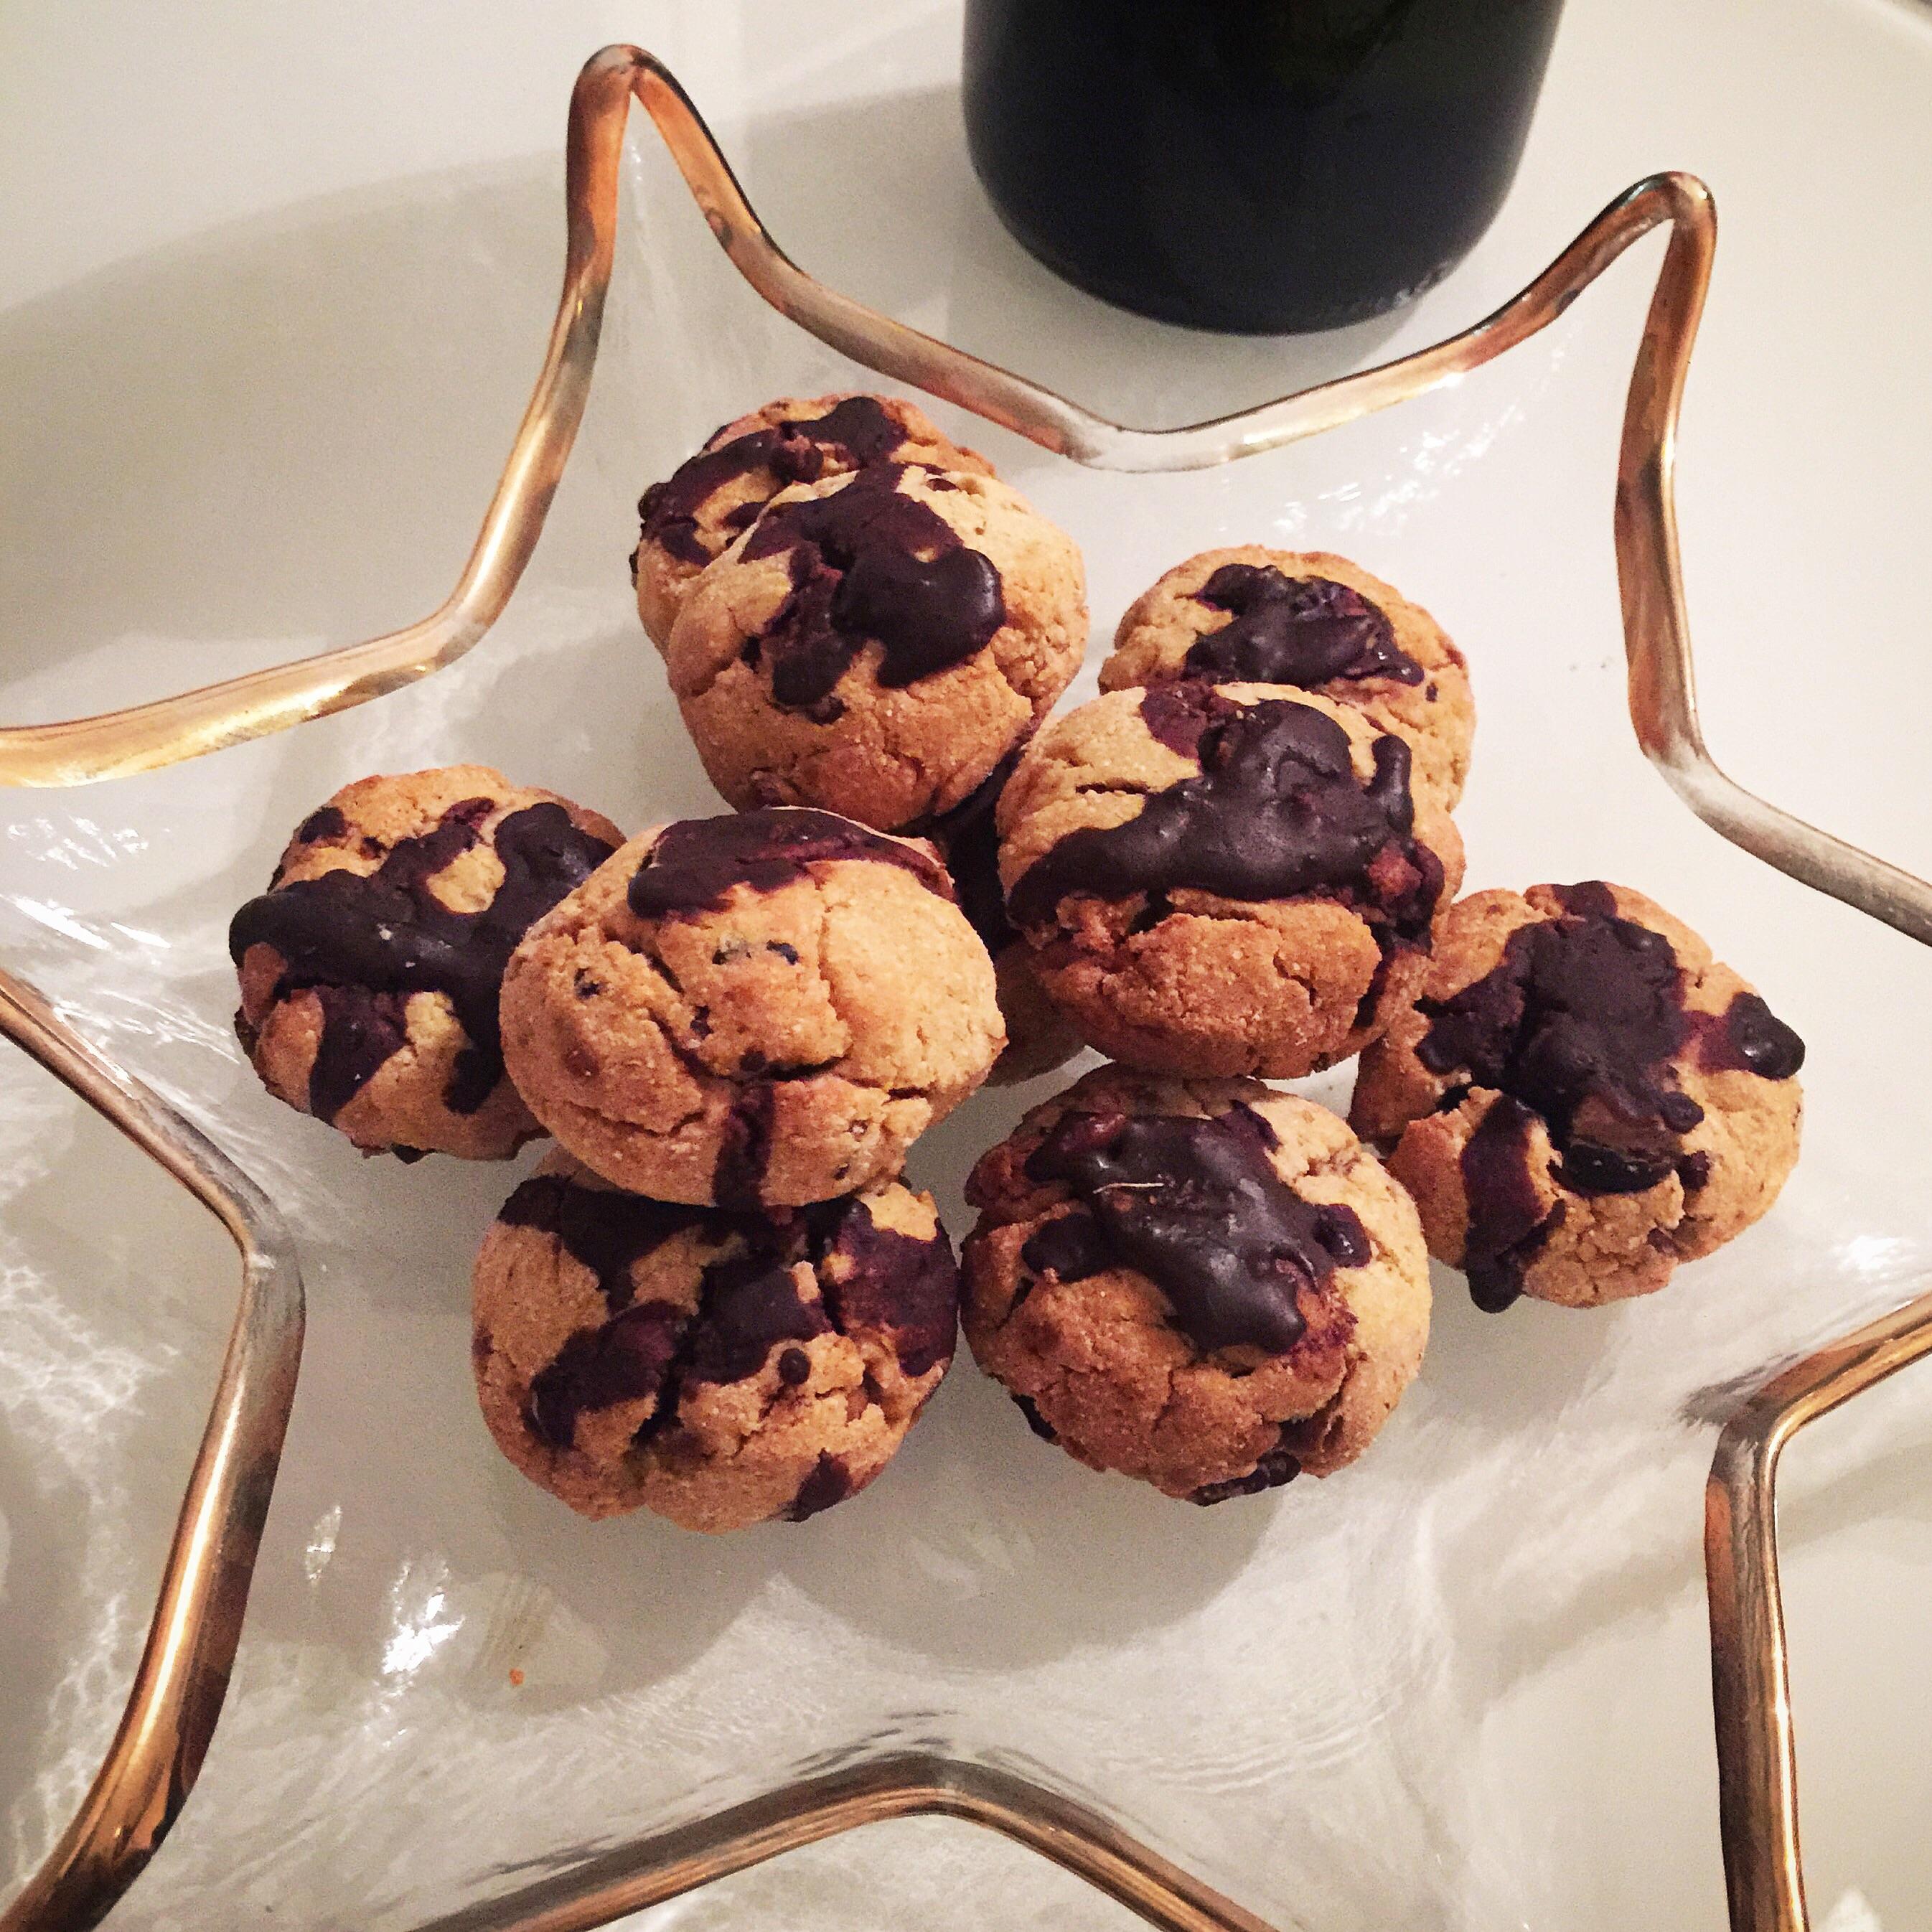 Coconut flour, fig & cardamom cookies